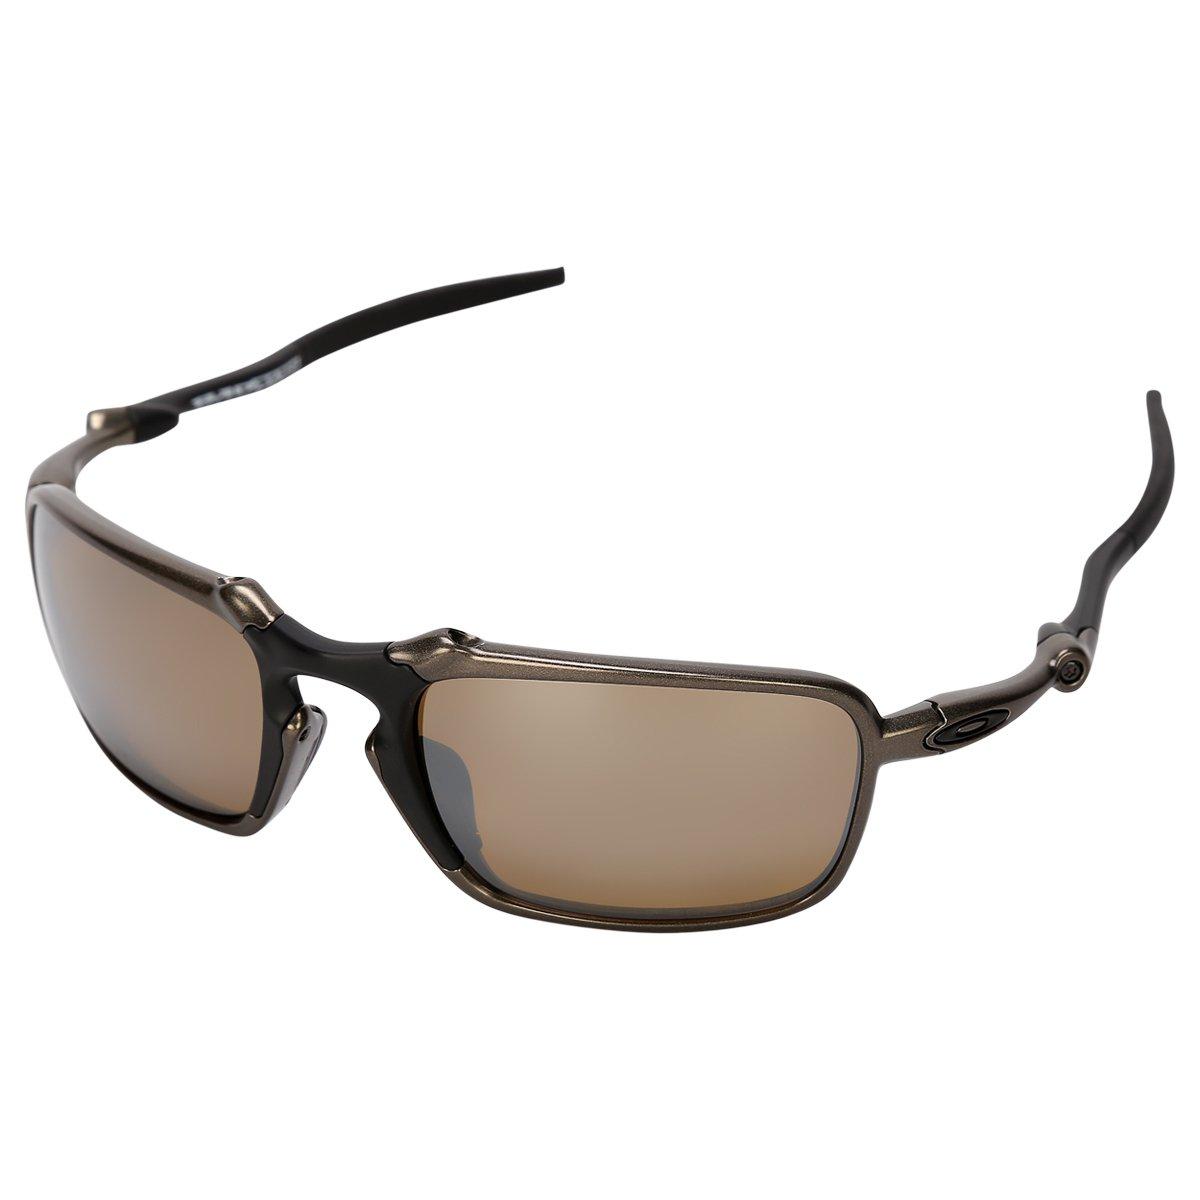 83cc5f0ee60fc Promoção em Óculos Oakley Badman - Iridium Polarizado - Preto e Bronze